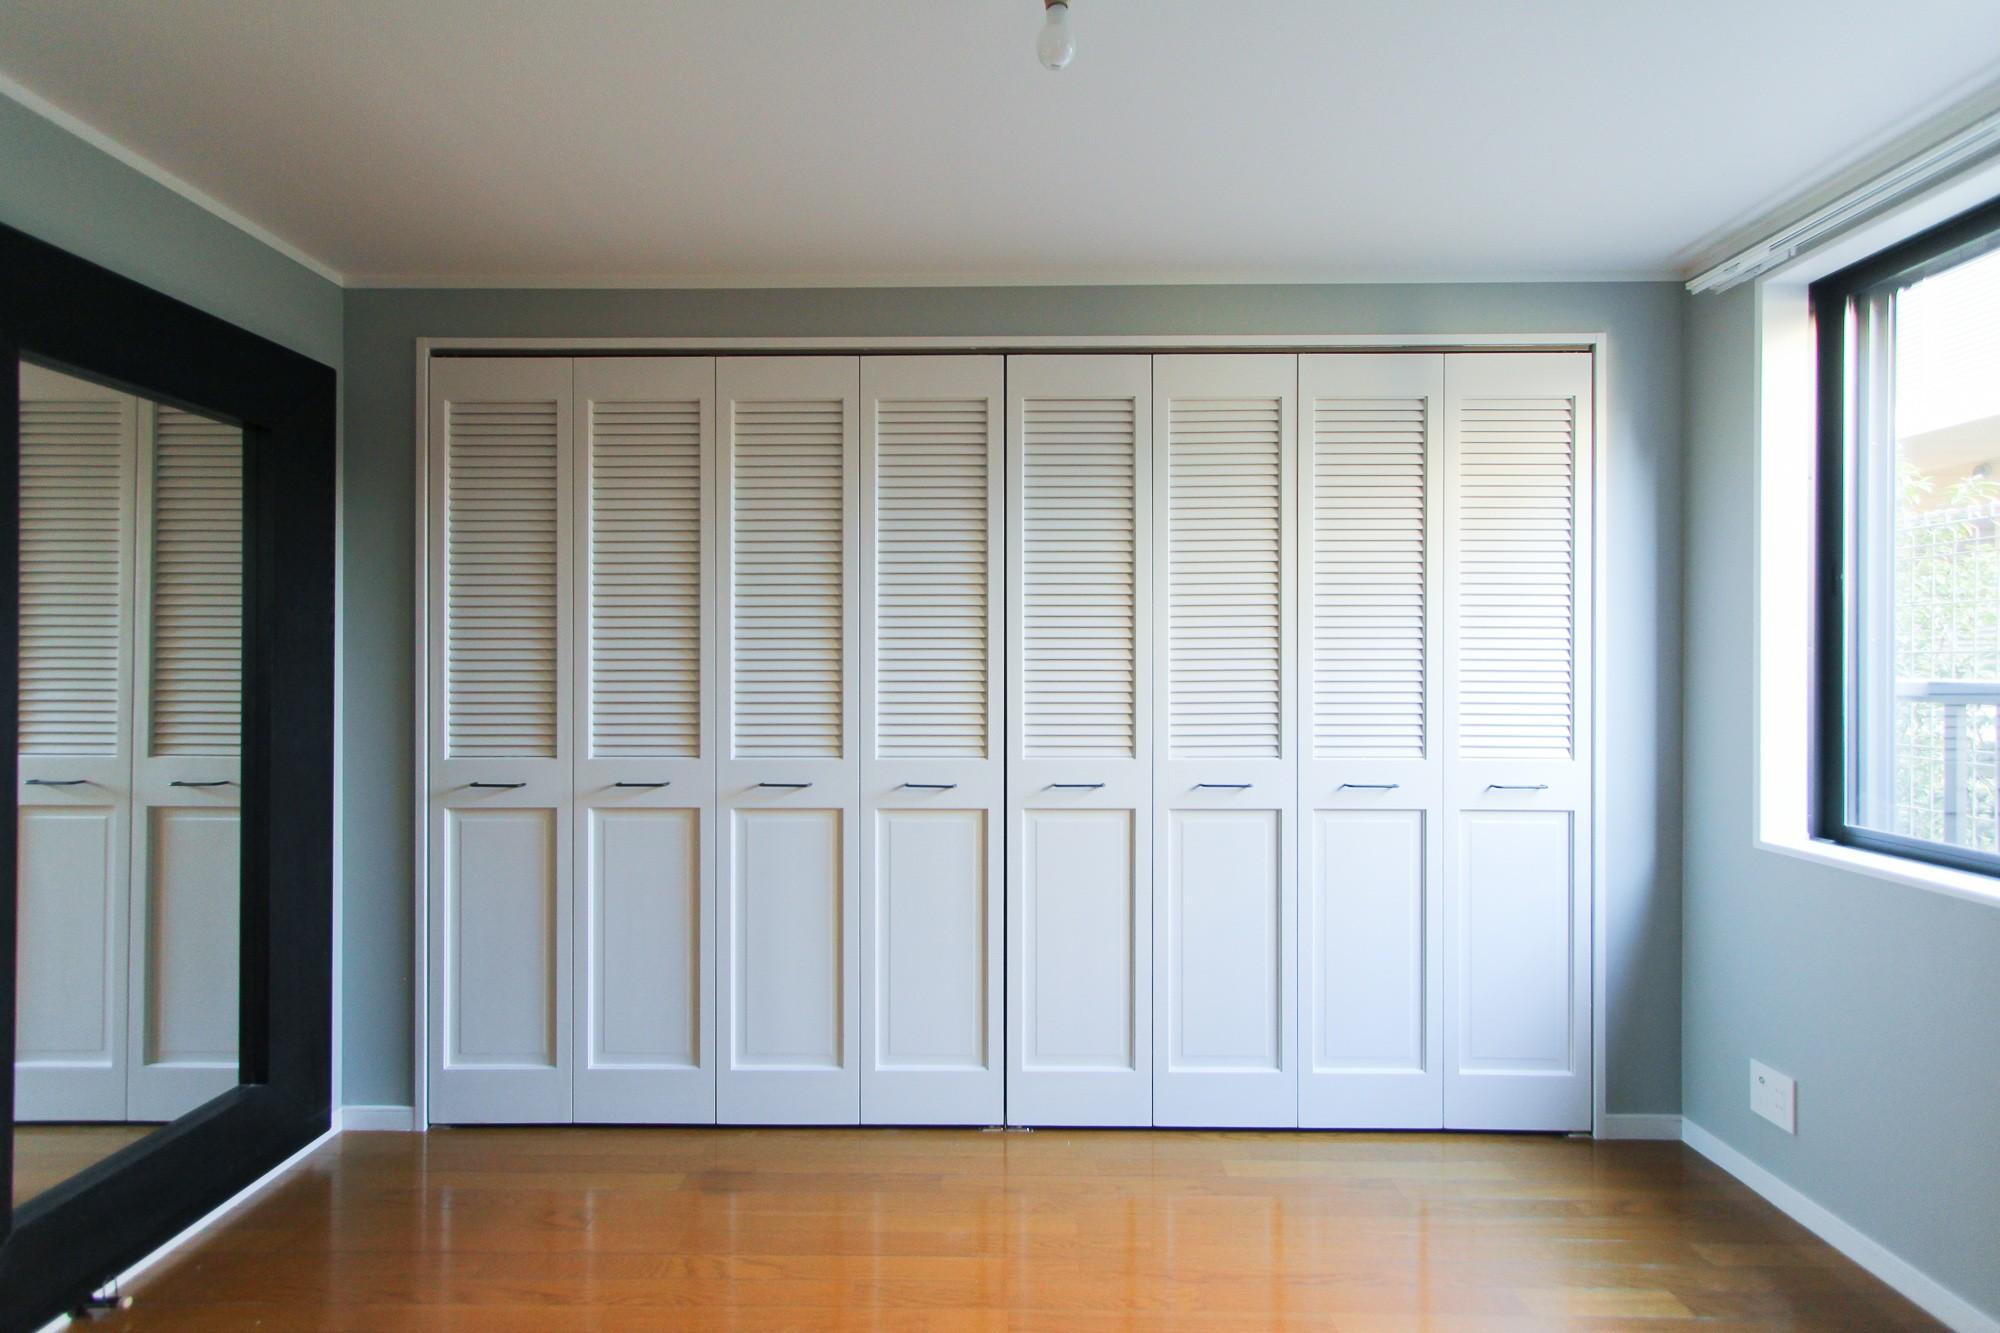 グレーの壁紙の寝室のクローゼットドア 明るく楽しい色づかい ベッドルーム事例 Suvaco スバコ